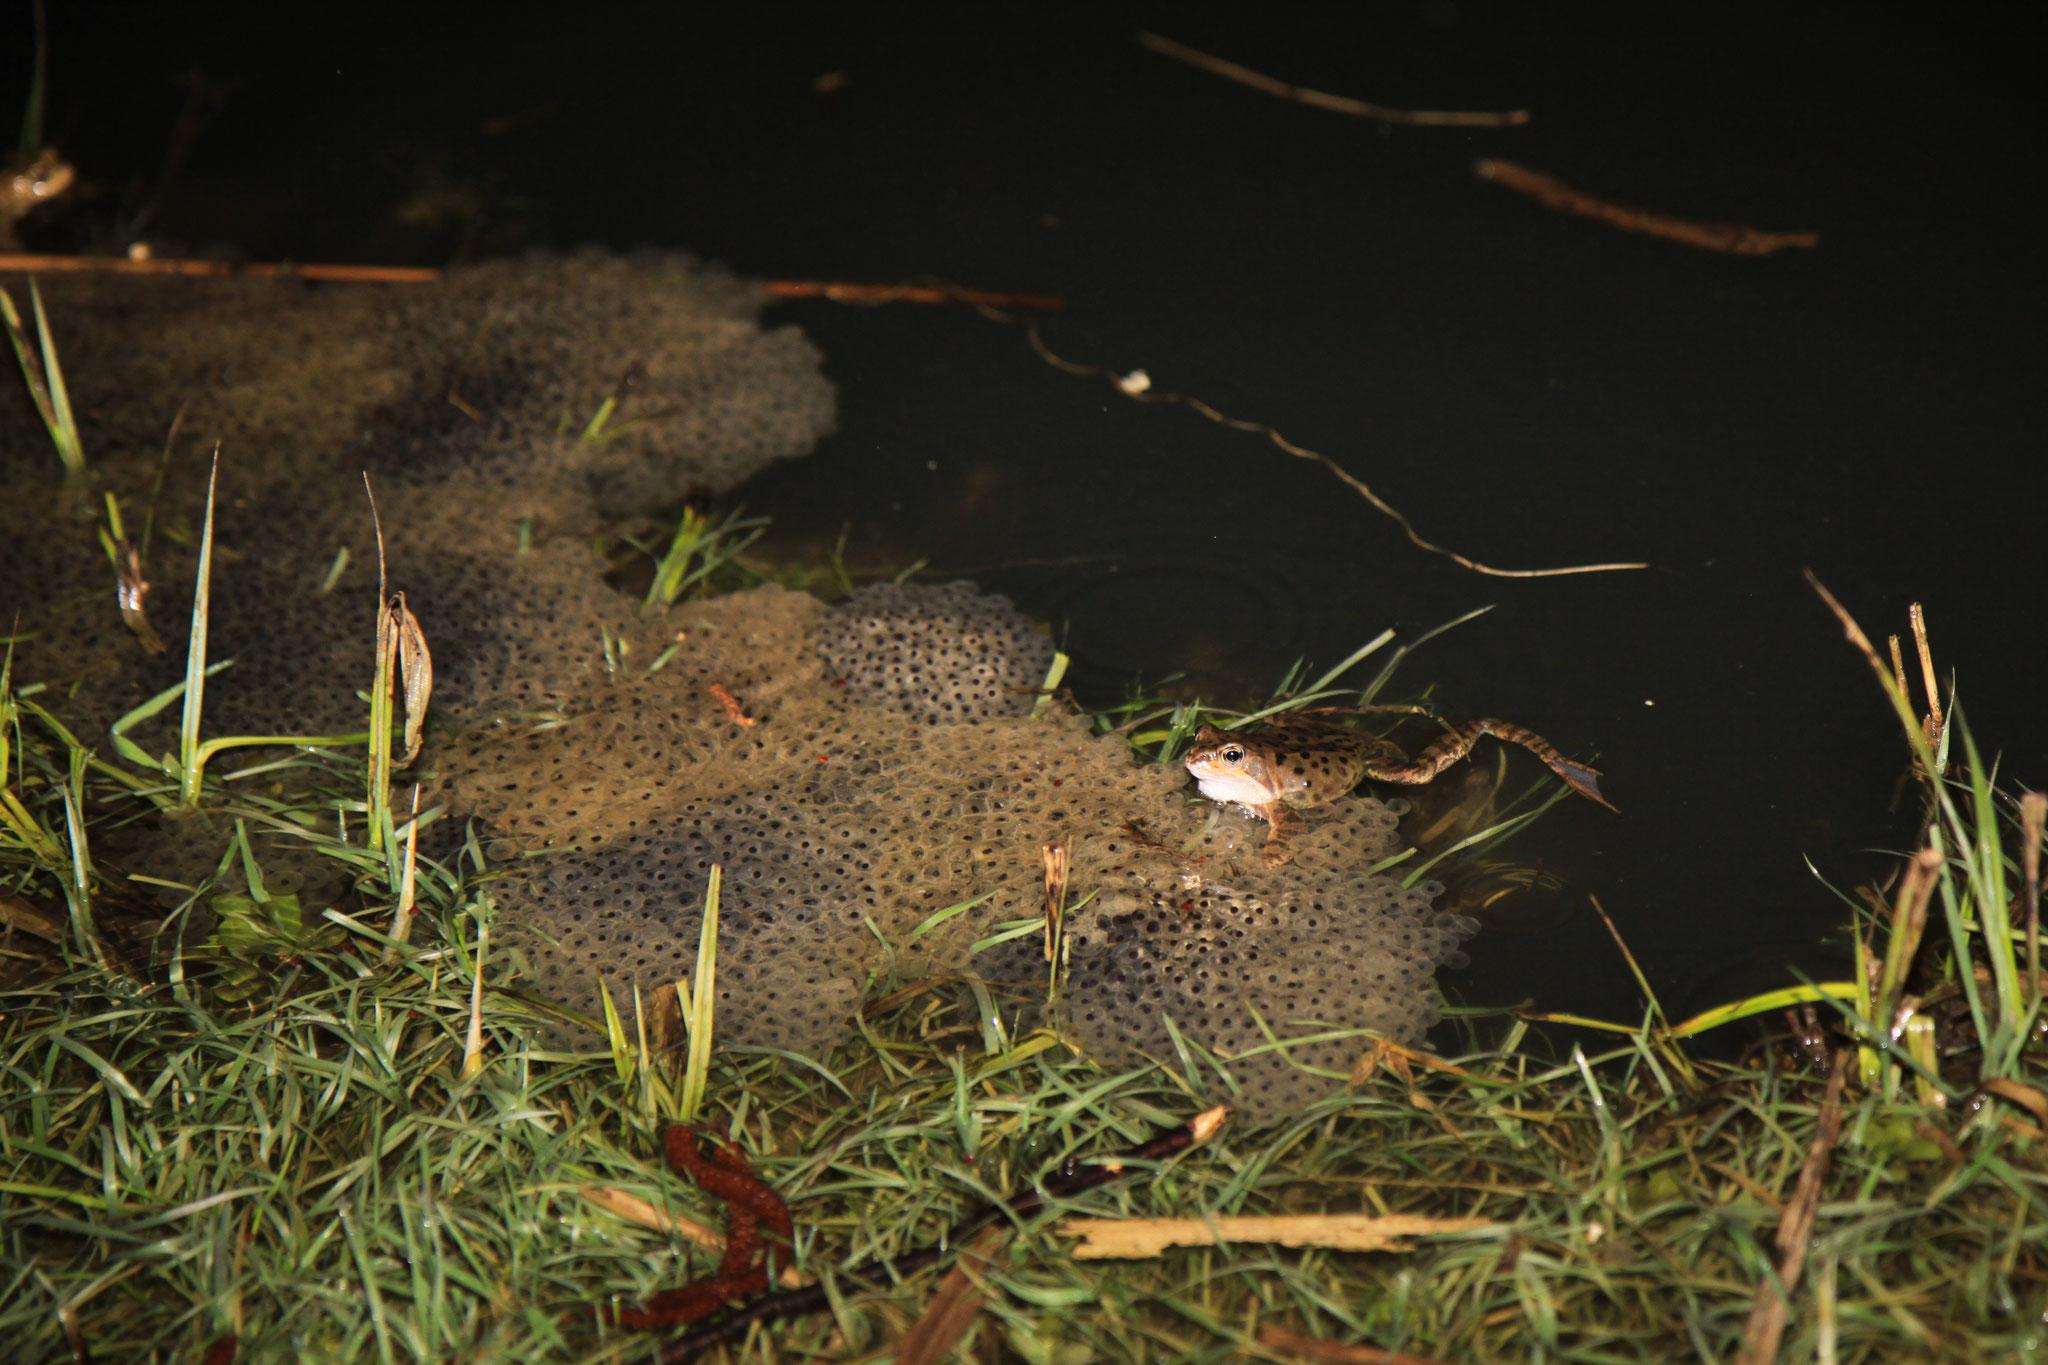 Knurrendes Grasfrosch-Männchen auf Grasfrosch-Laichballen im Forstwaldteich (Foto: B. Budig)